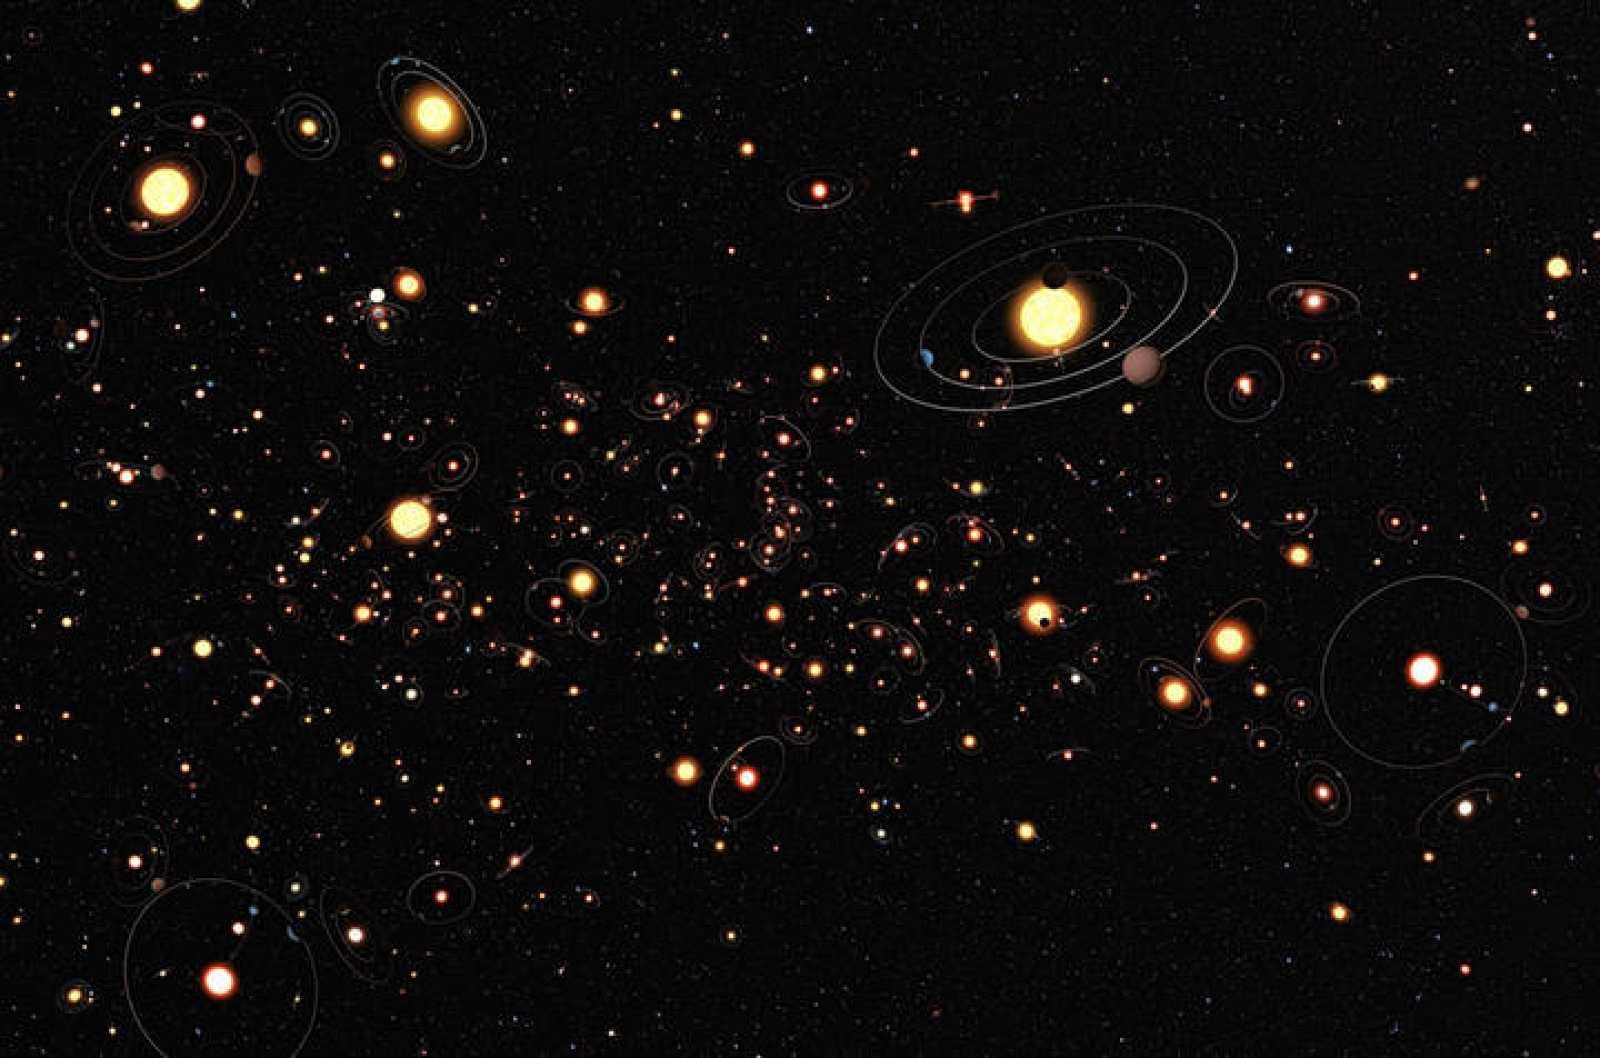 Recreación artística que plasma lo comunes que son los planetas en torno a estrellas.